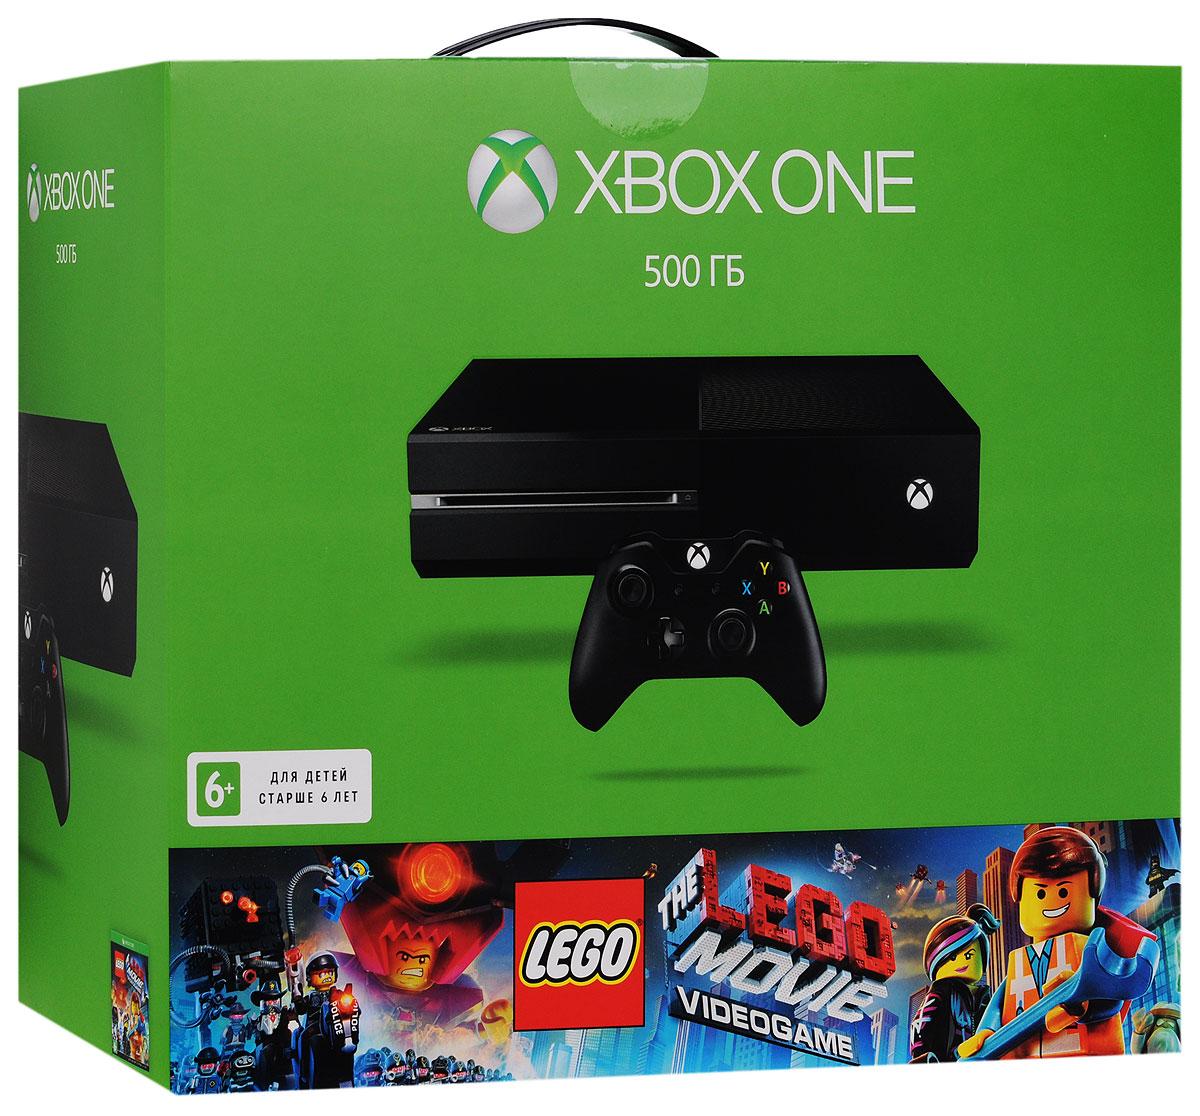 Игровая приставка Xbox One 500 ГБ + The LEGO Movie Videogame купить игры лицензионные на xbox 360